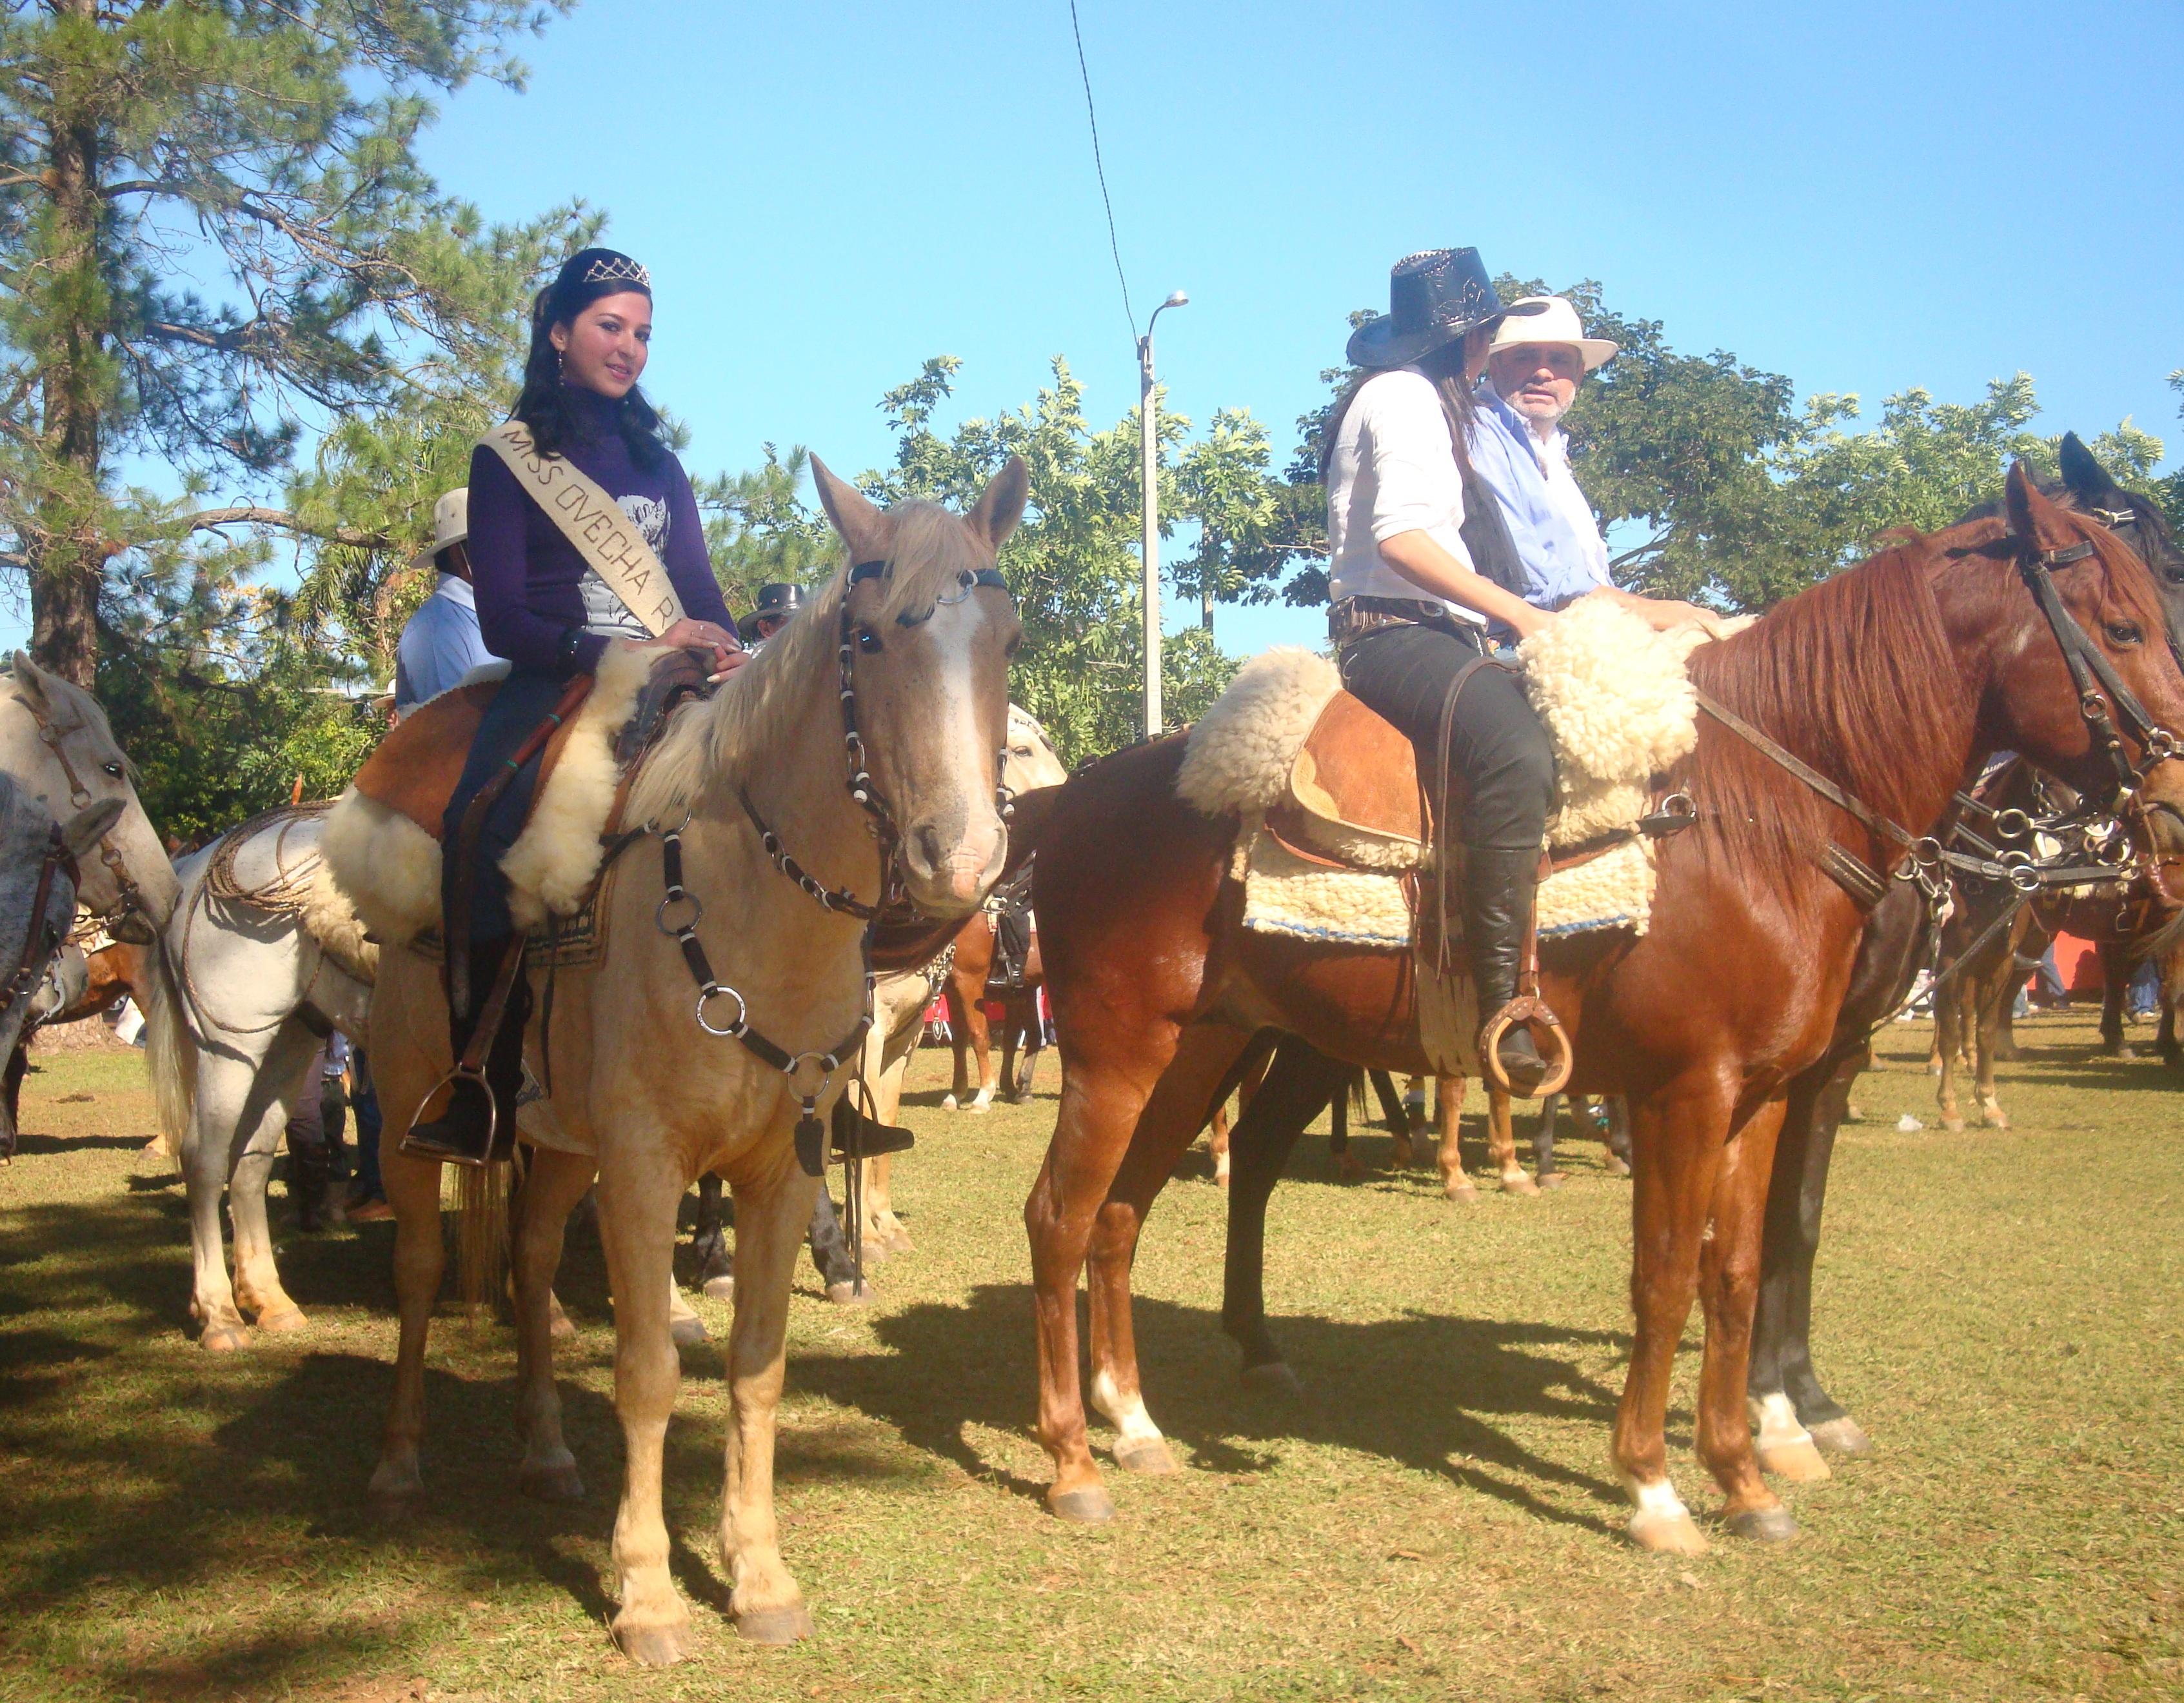 Paraguay Culture - Paraguay culture